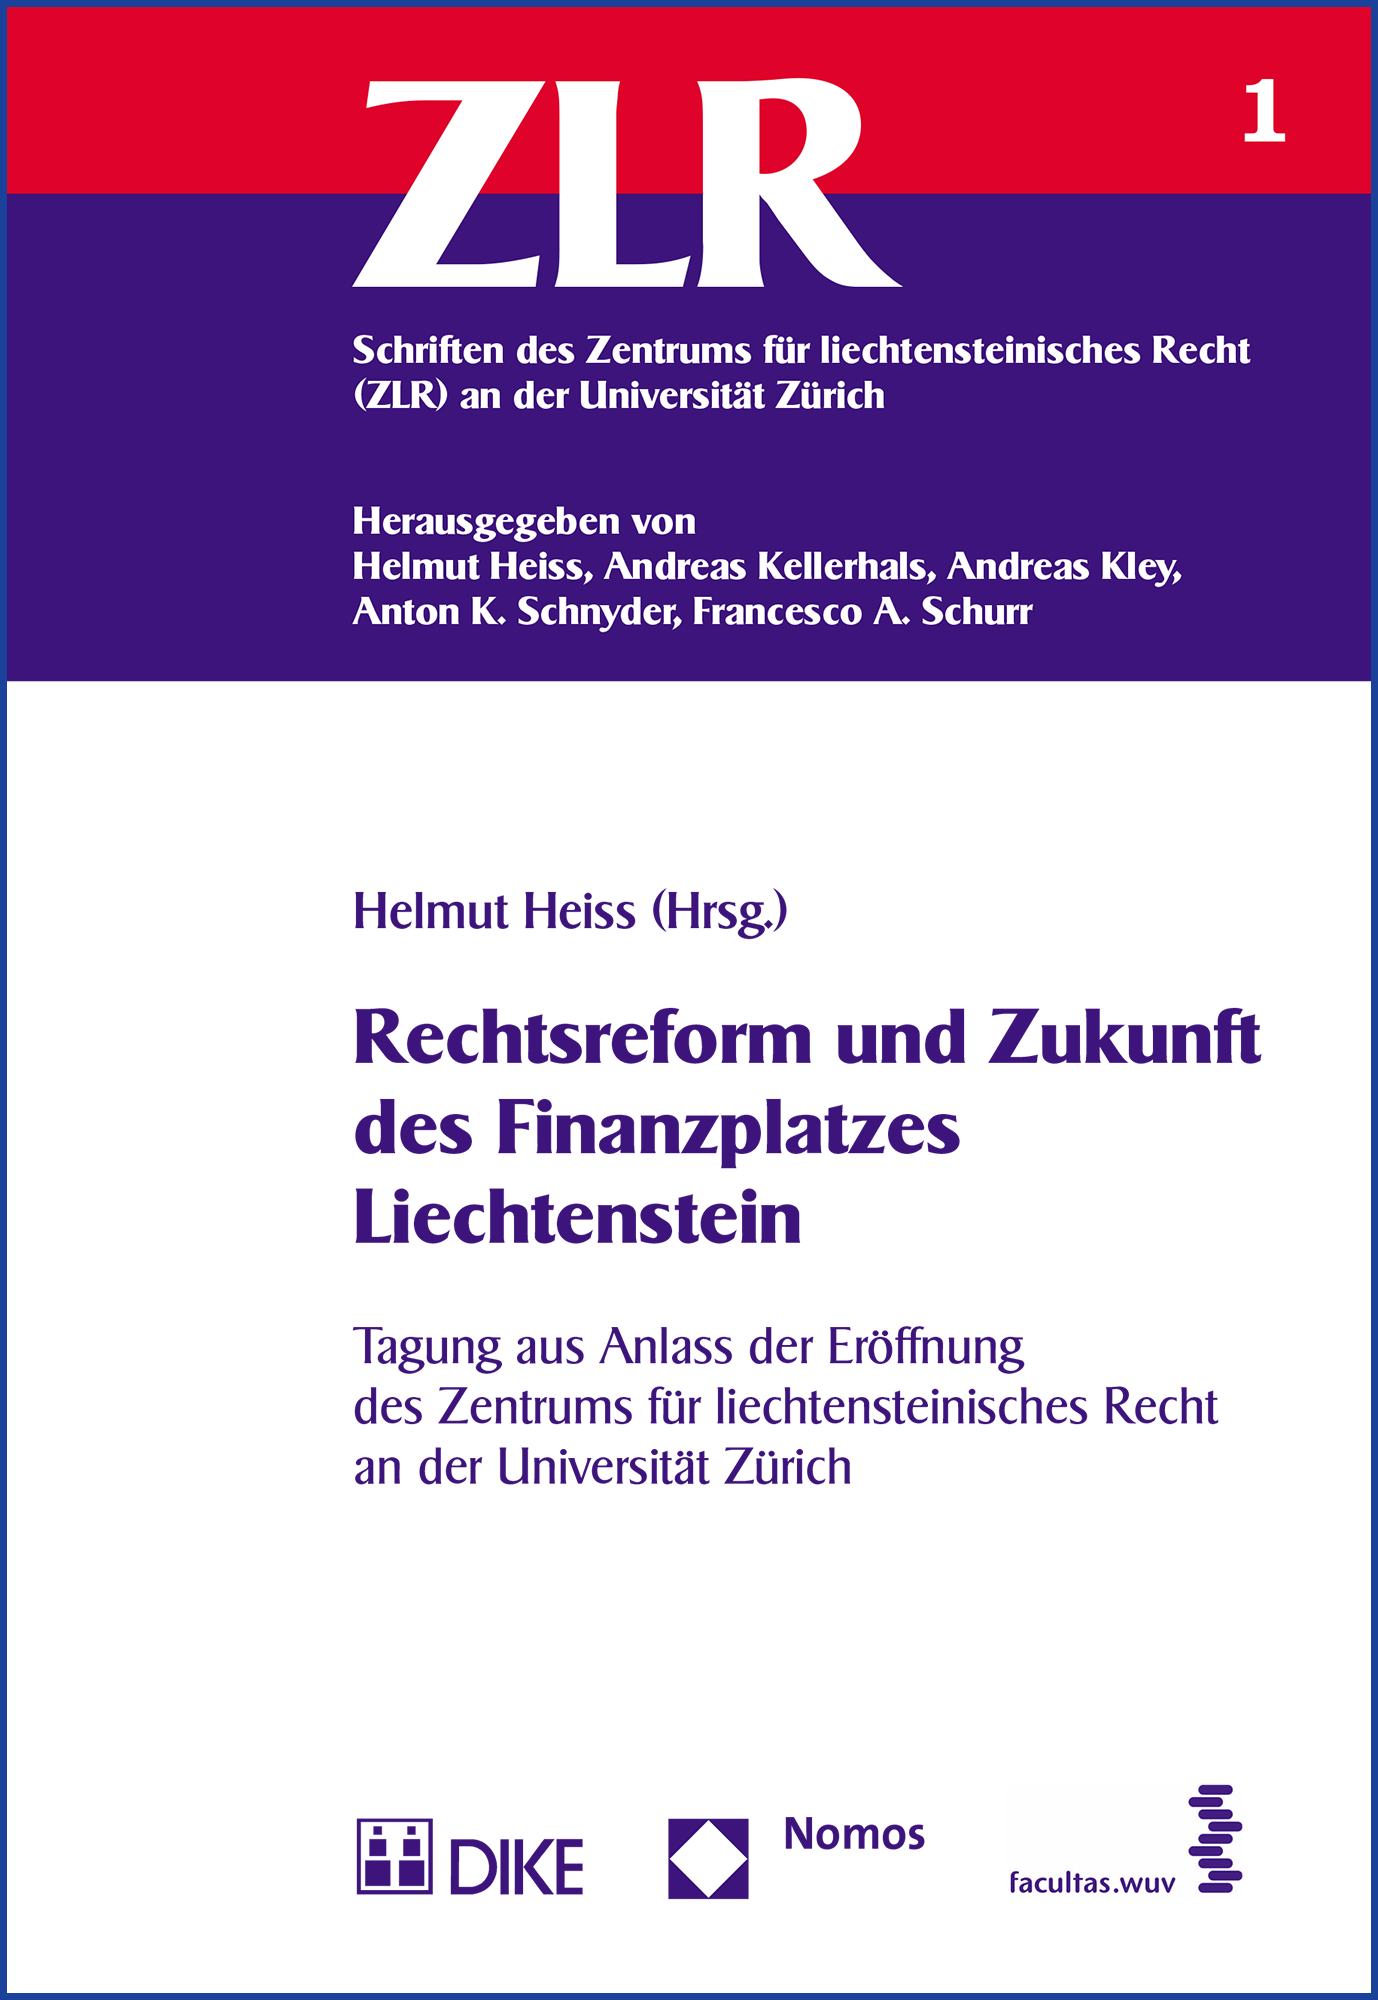 Rechtsreform und Zukunft des Finanzplatzes Liechtenstein